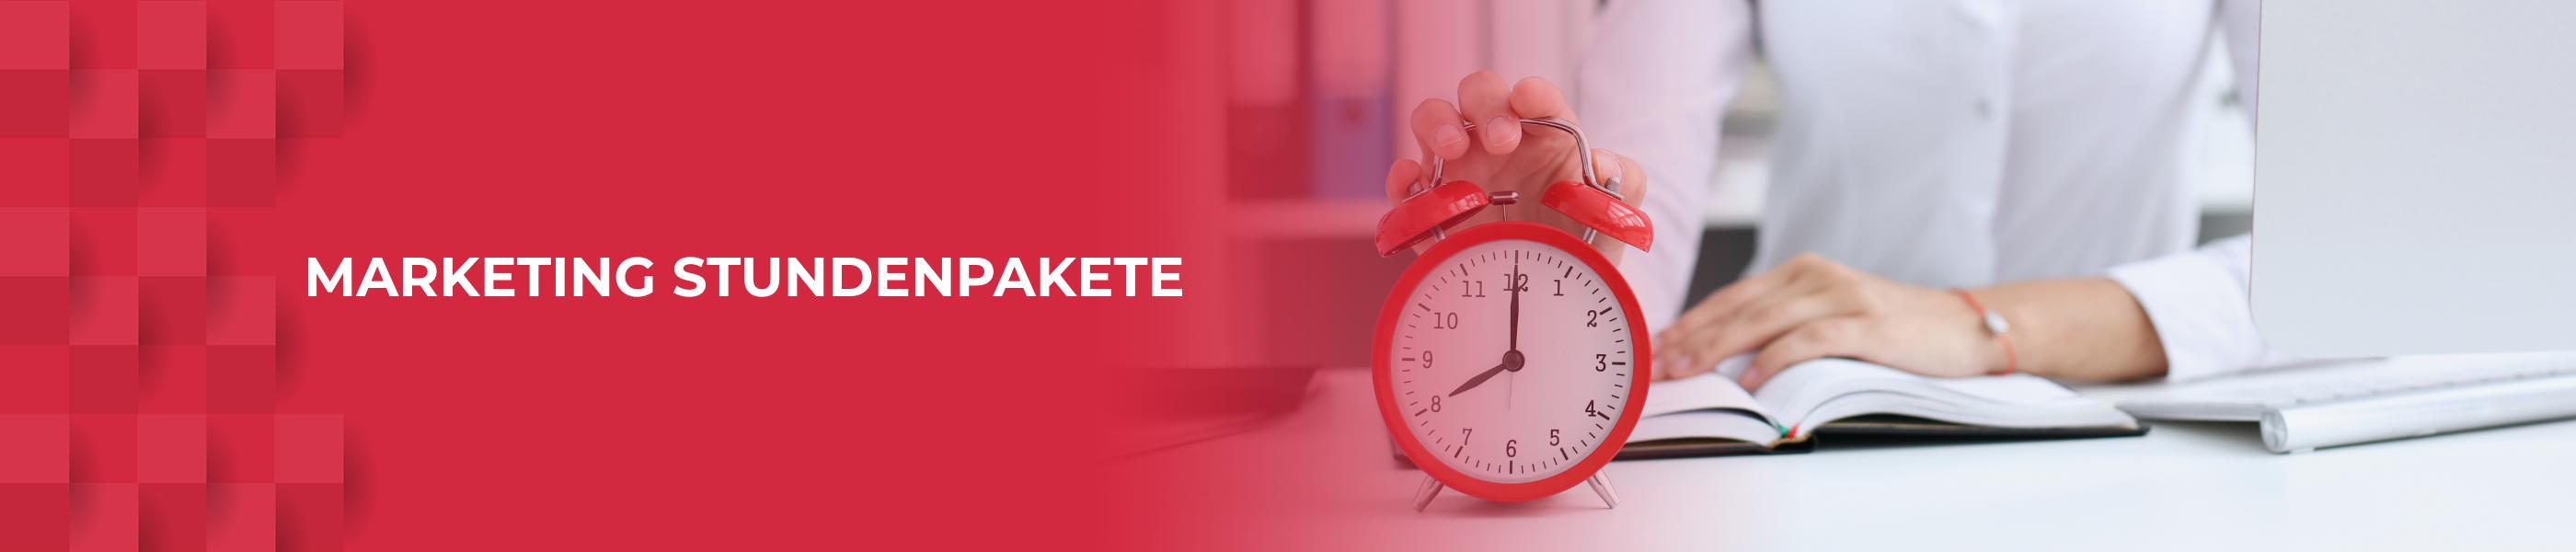 Stundenpakete bei W4 Marketing. Volle Transparenz